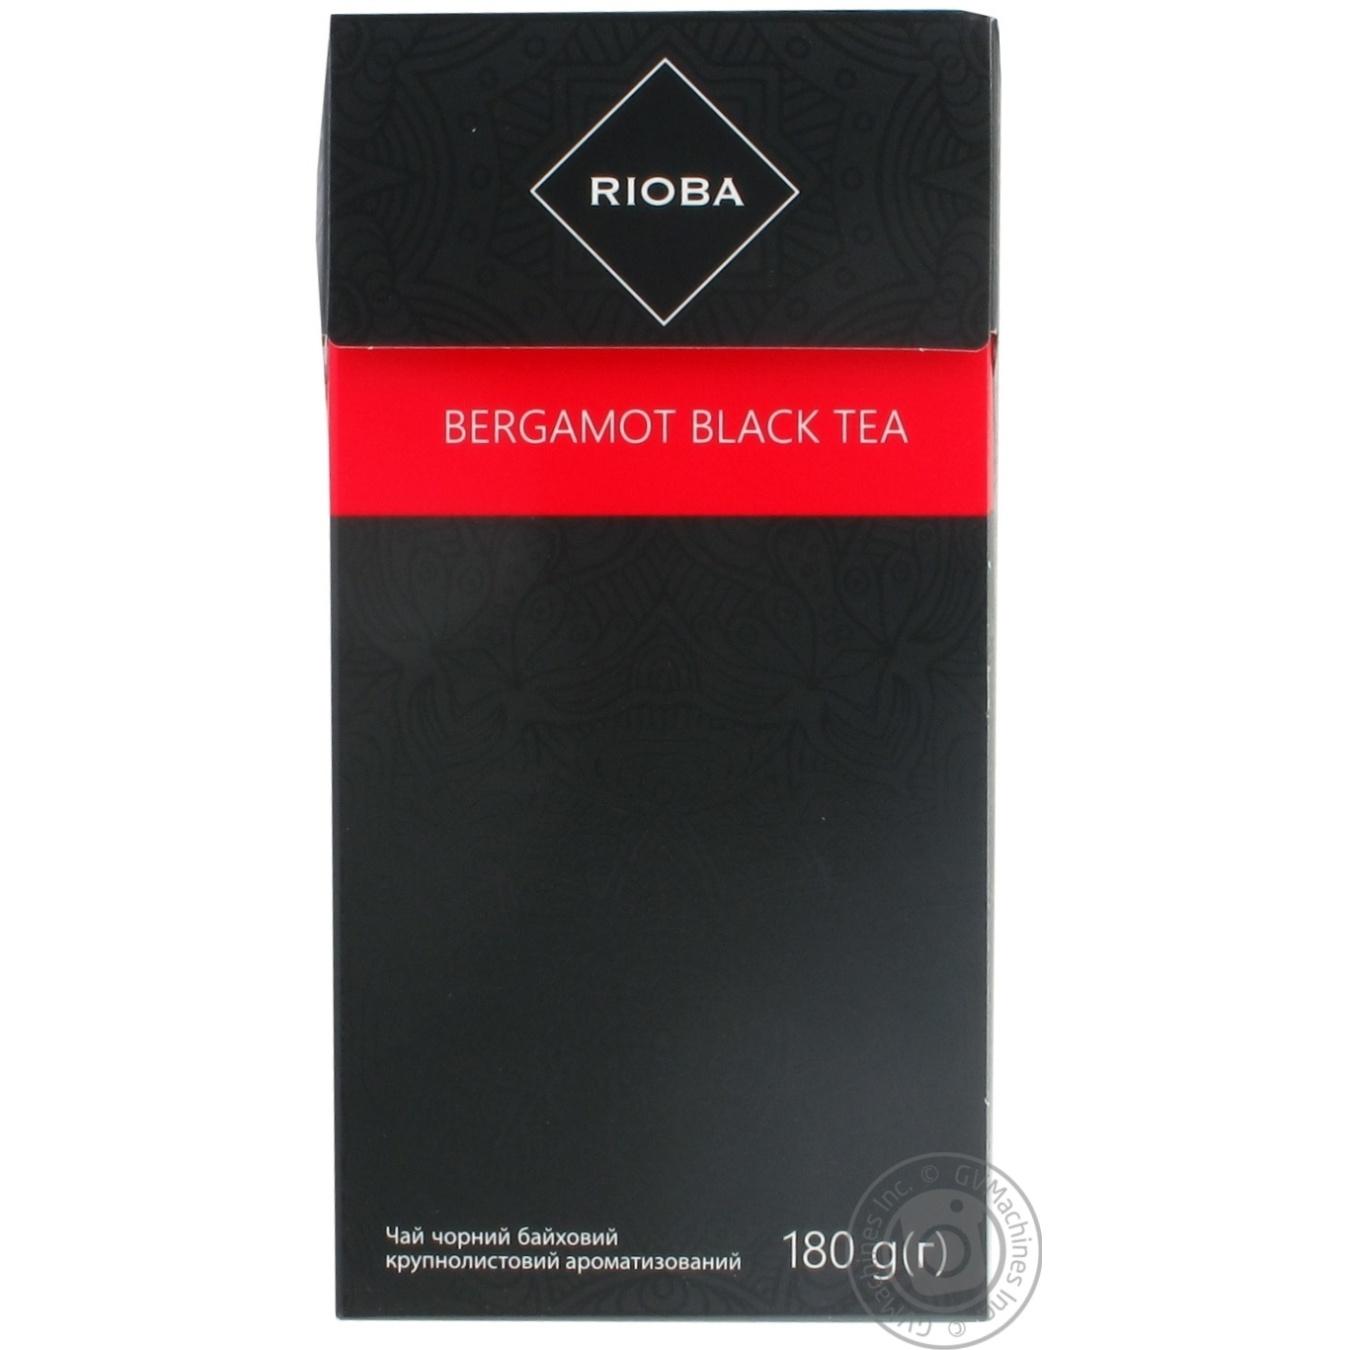 Купить Чай Rioba черный байховый крупнолистовой бергамот 180г